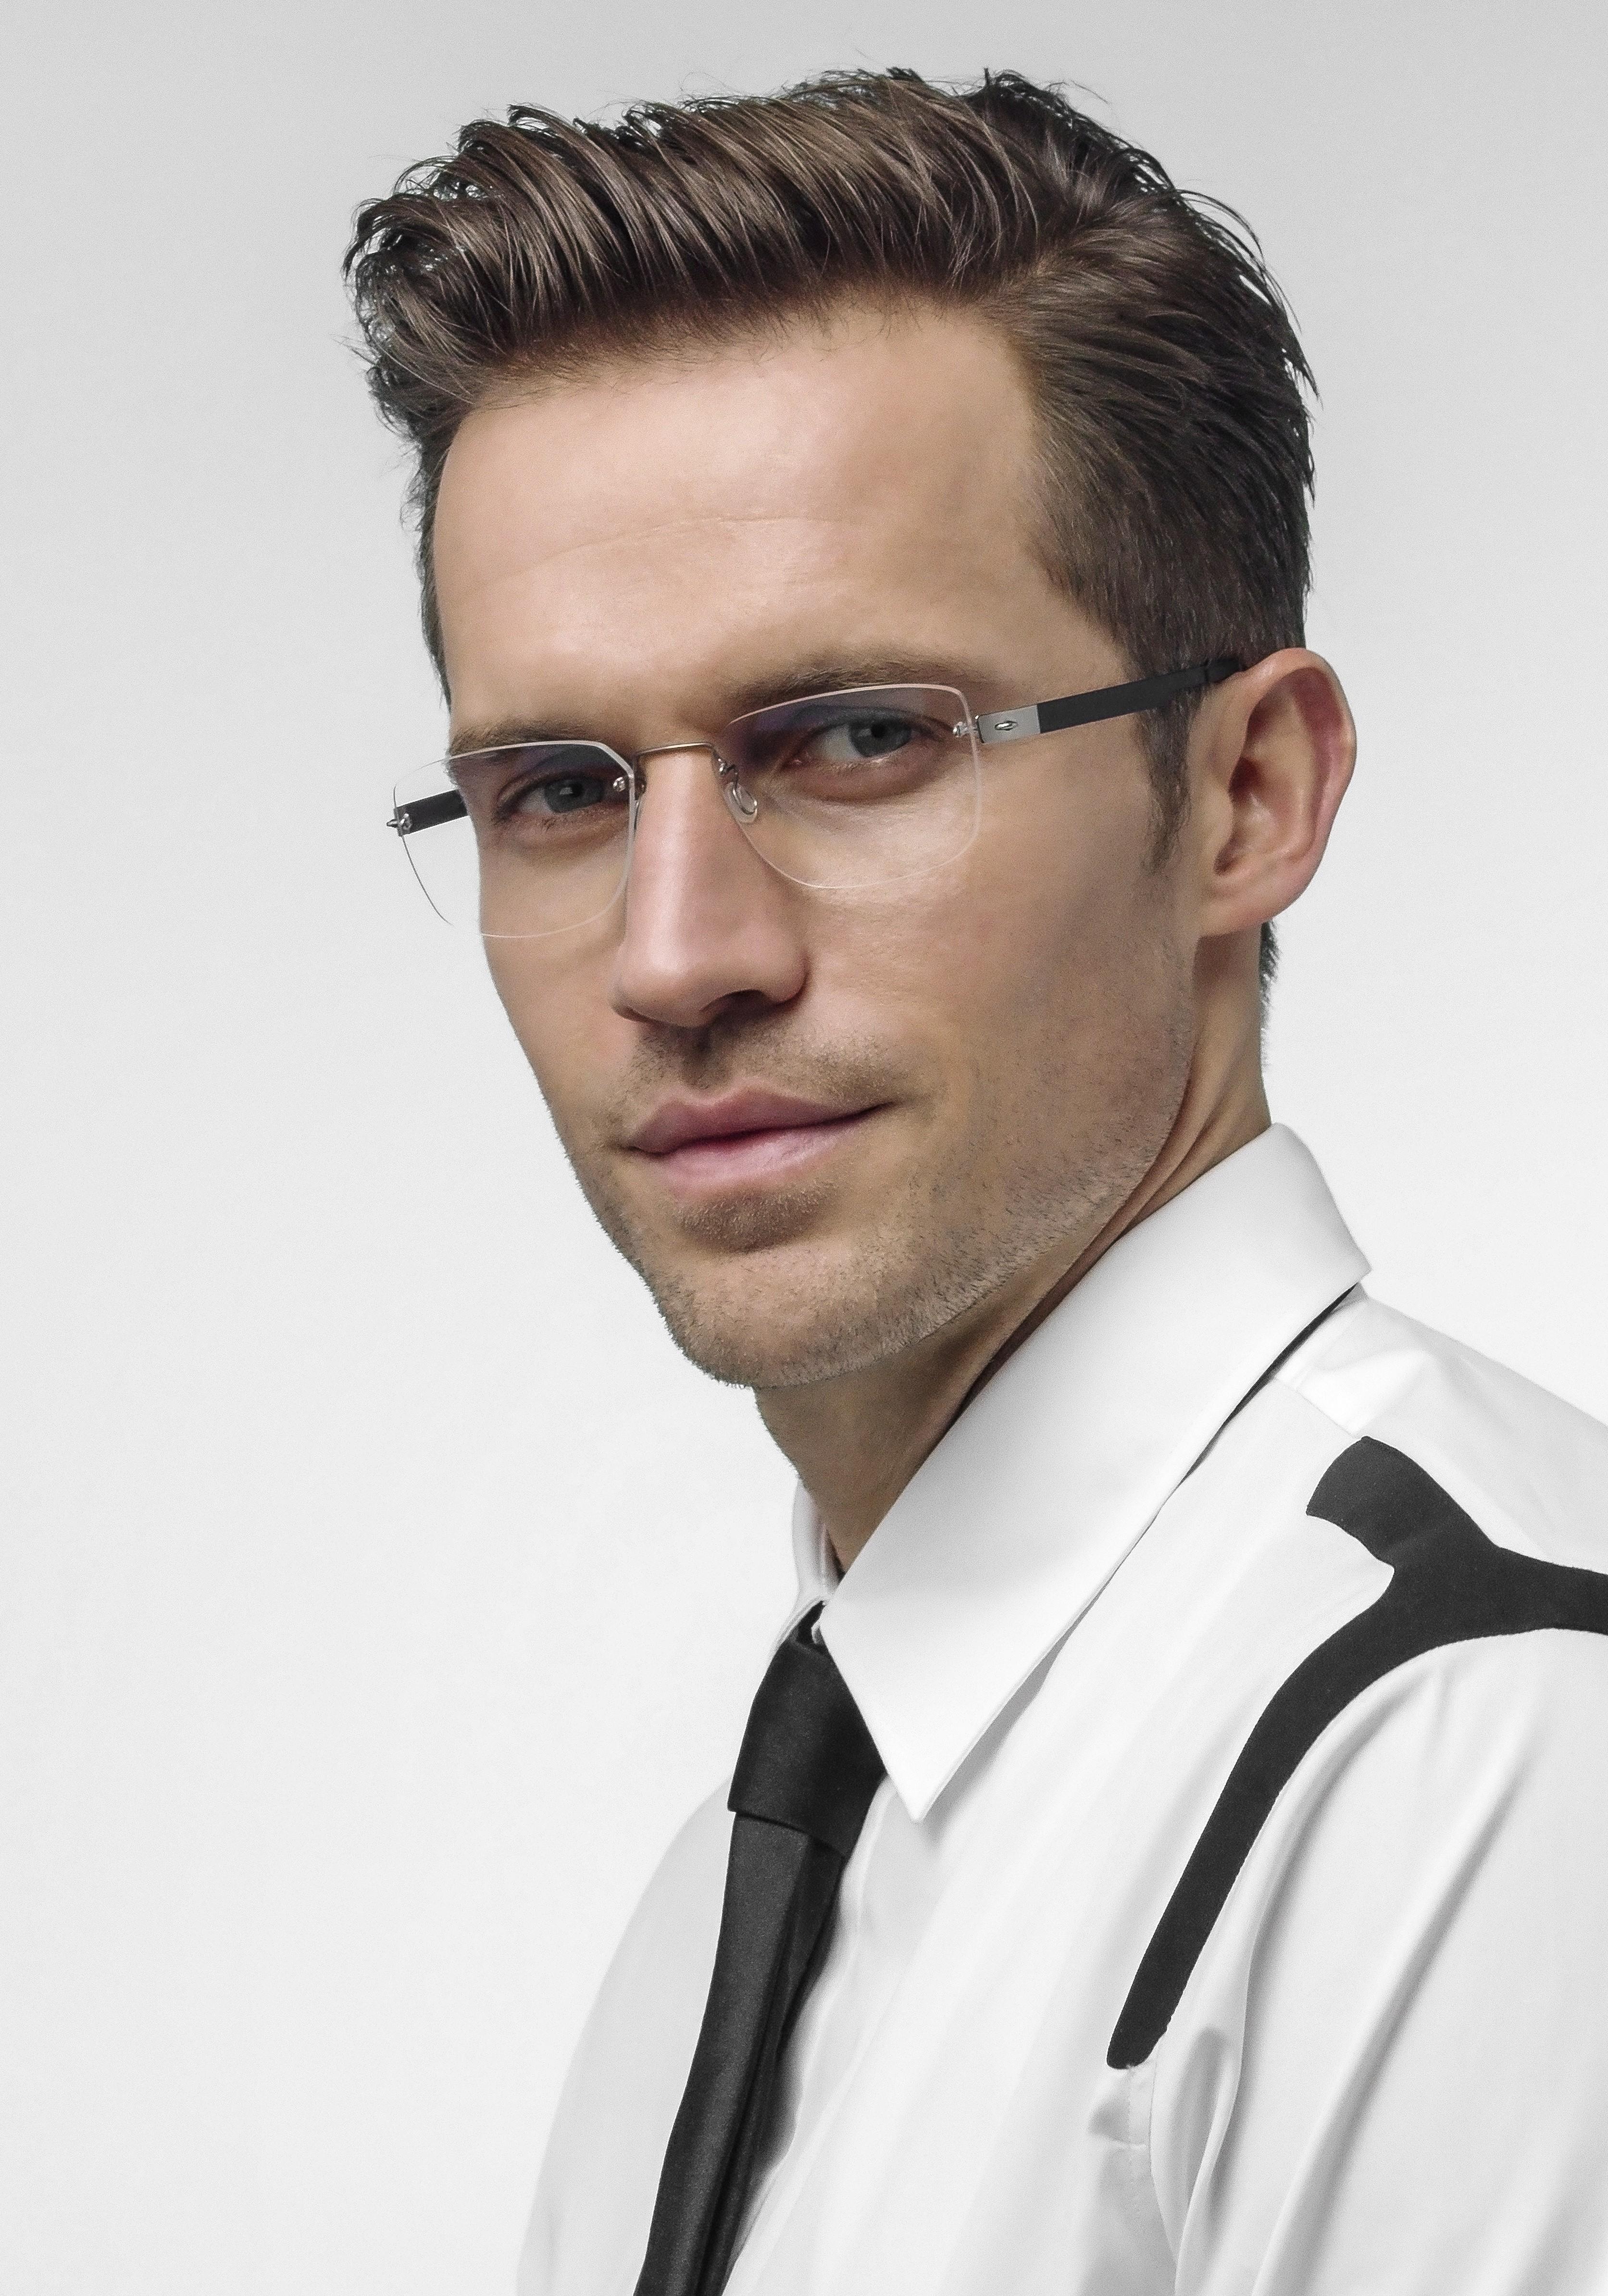 Braunhaariger Mann trägt ein weißes Hemd und eine rahmenlose Korrekturbrille mit dunklen Bügeln und blickt in die Kamera.